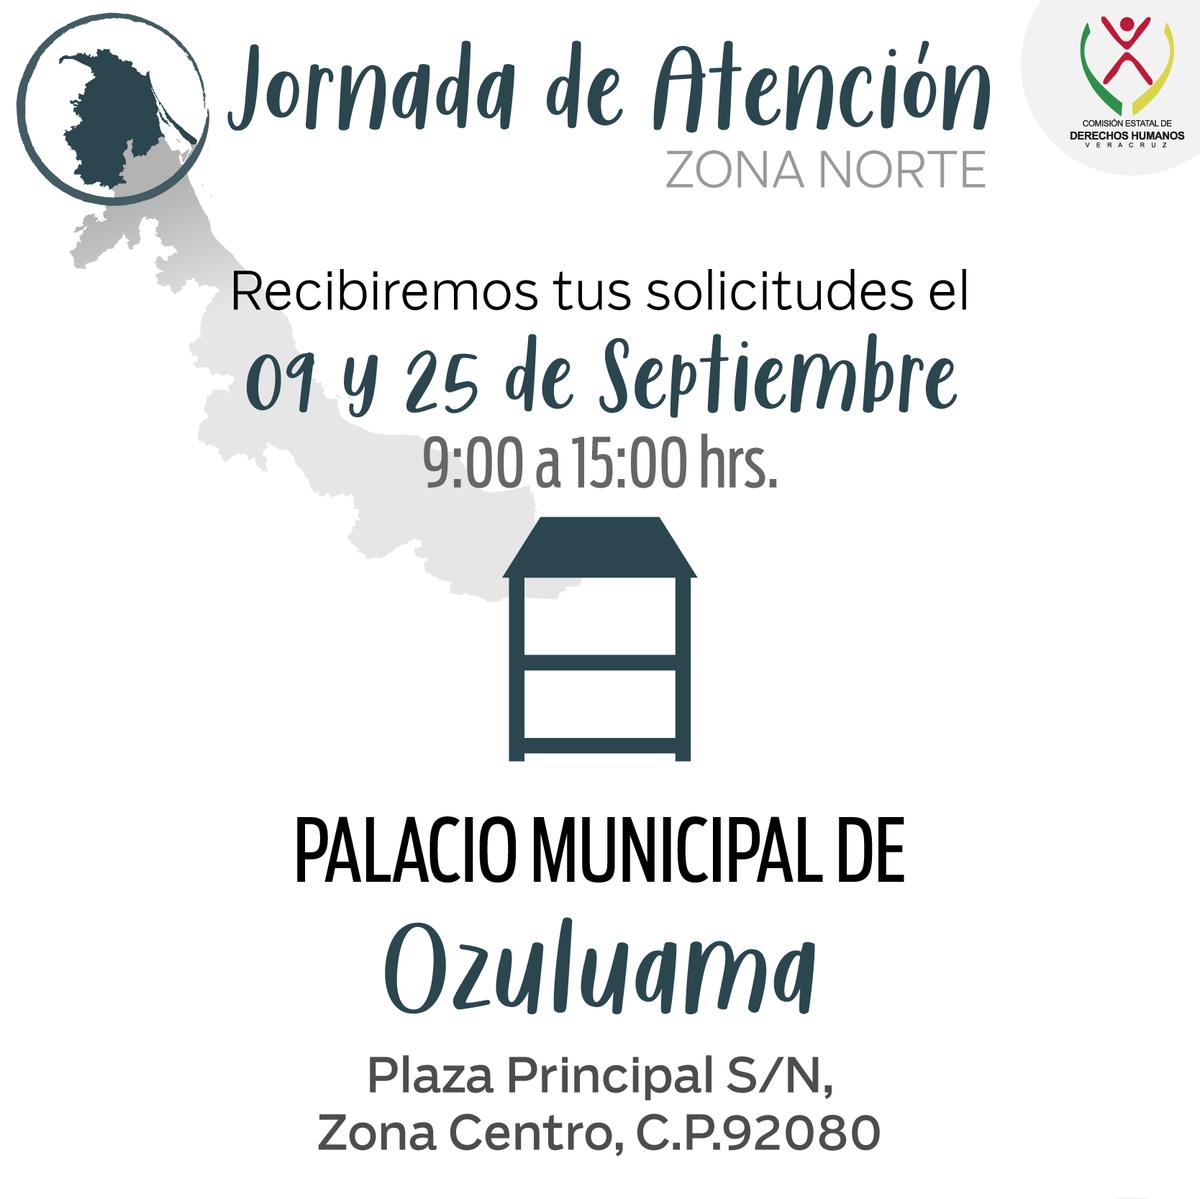 ¿Sufriste alguna violación a tus derechos humanos? Acude a la Jornada de Atención Zona Norte en #Ozuluama mañana 25 de septiembre de 9:00 a 15:00 hrs. https://t.co/v2Vz7oTJ1T